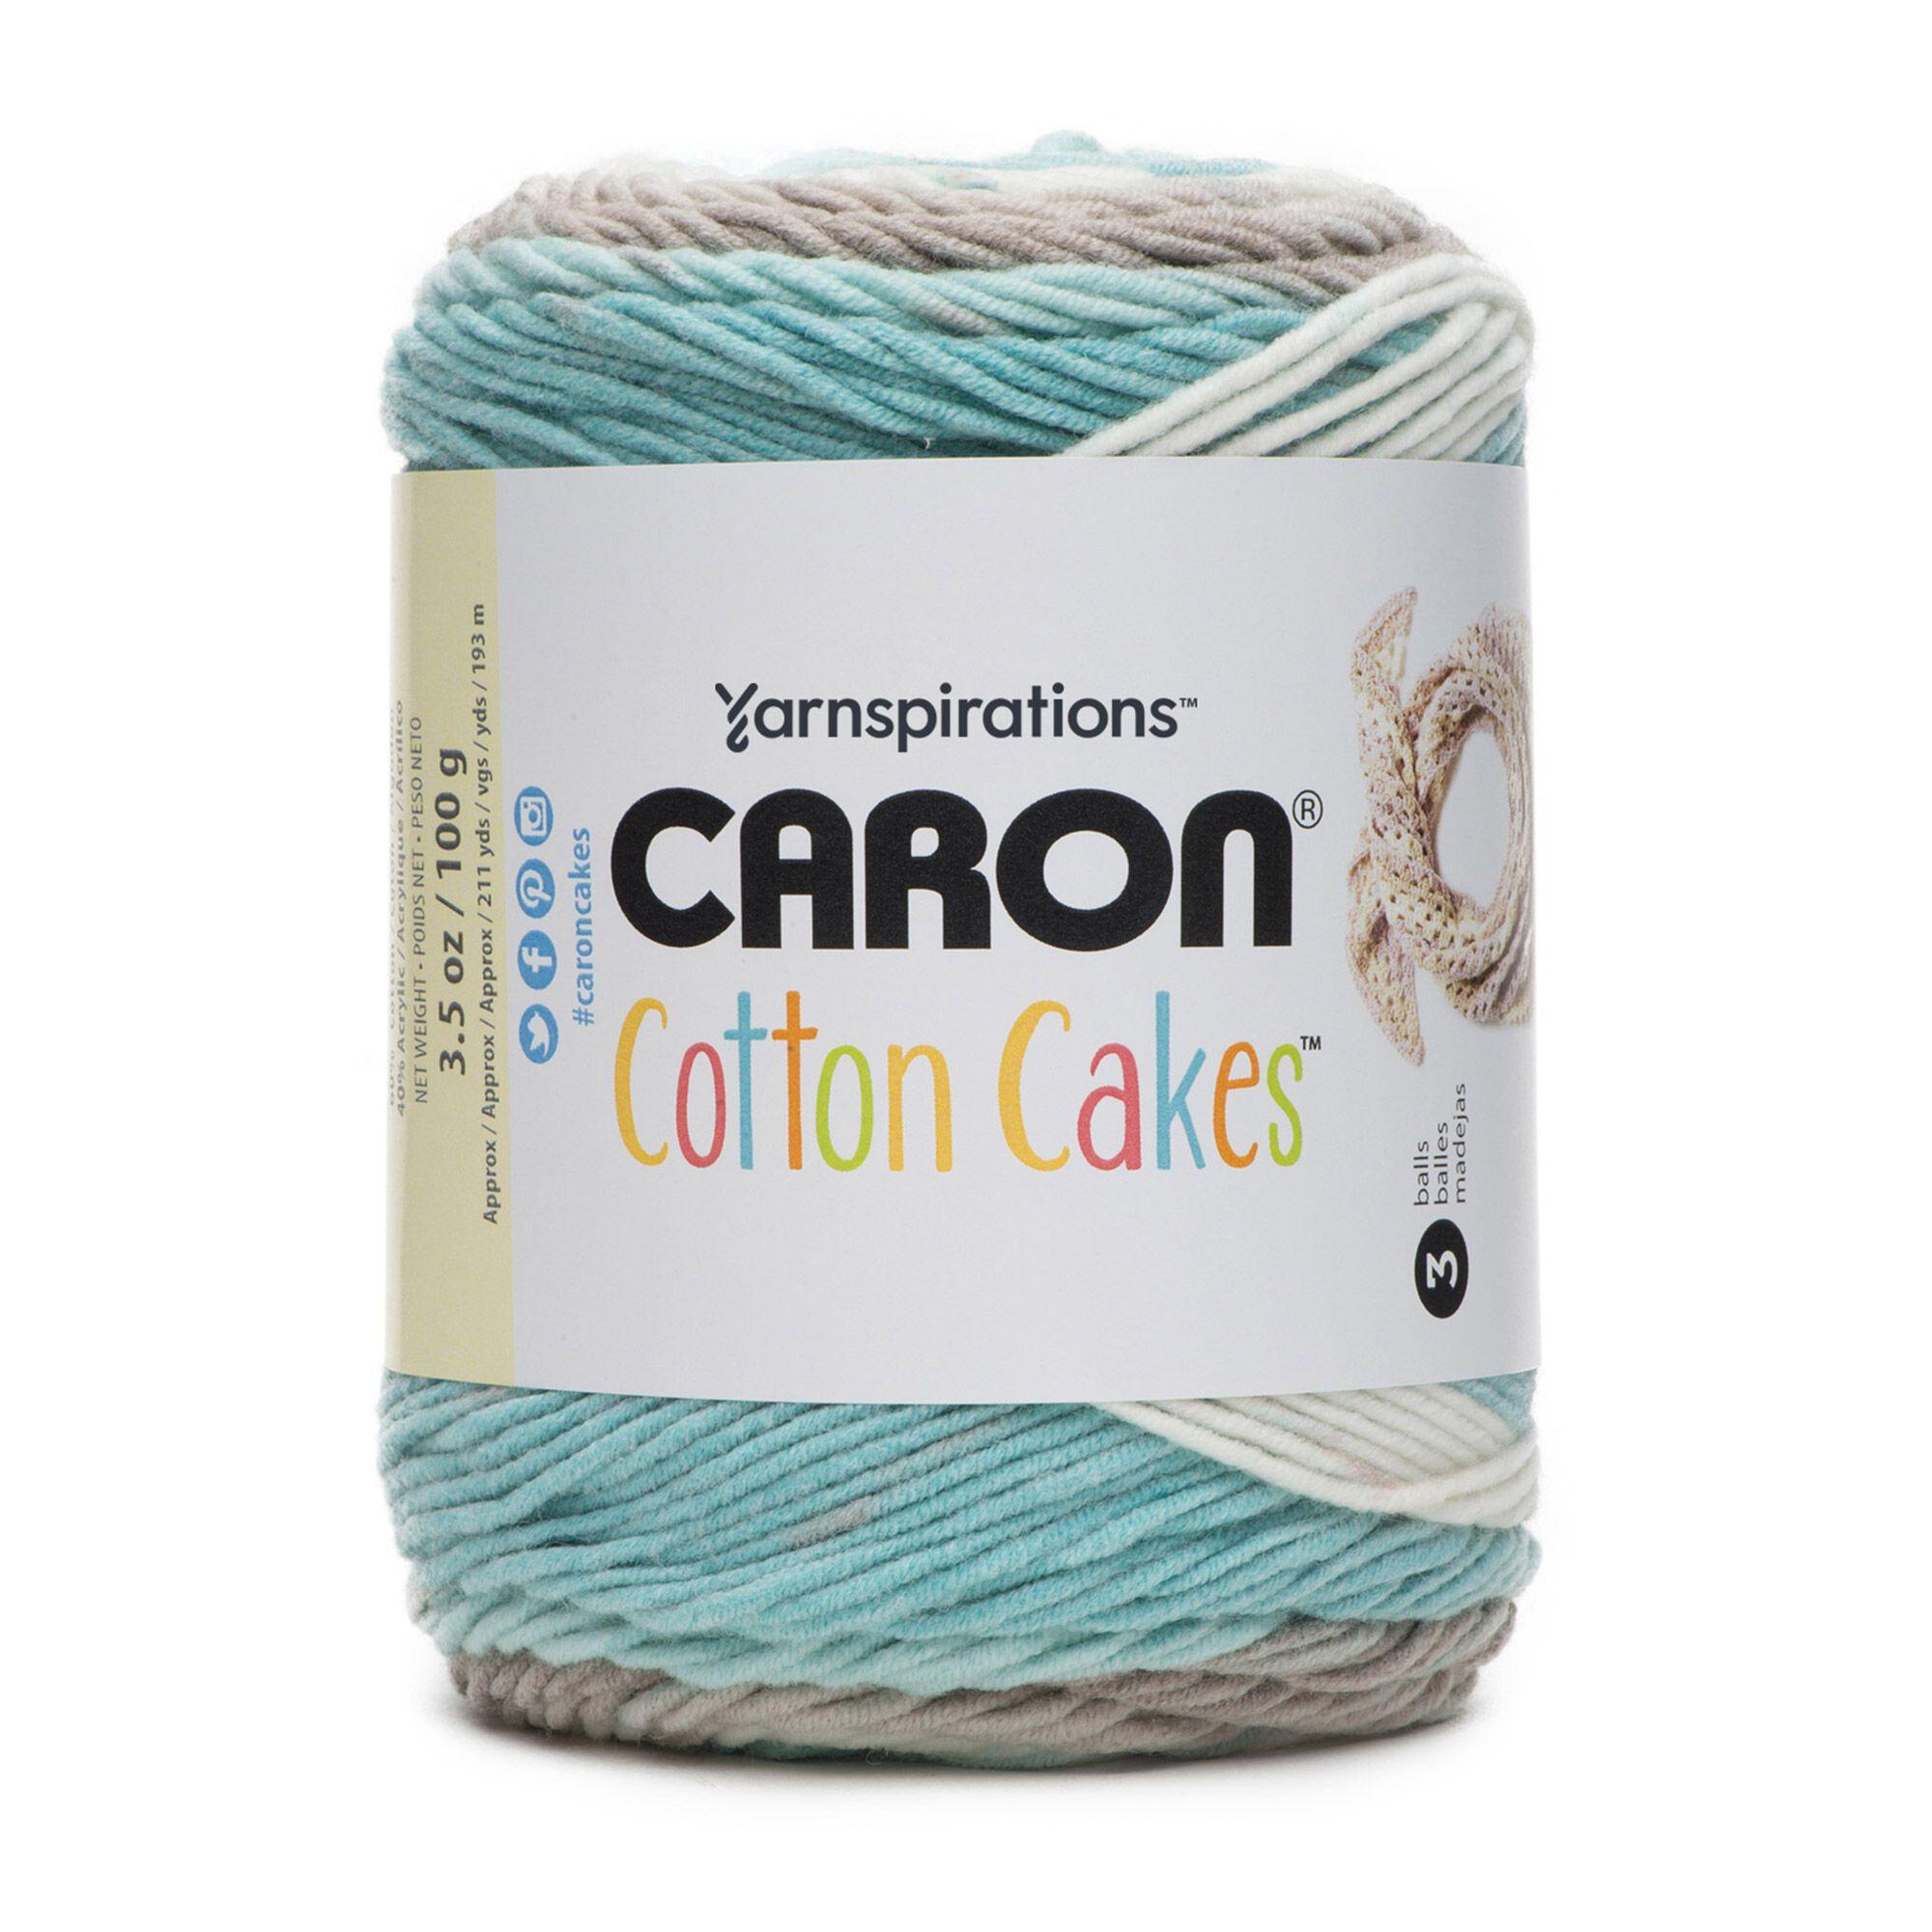 Caron cotton cakes yarn beach glass yarnspirations in